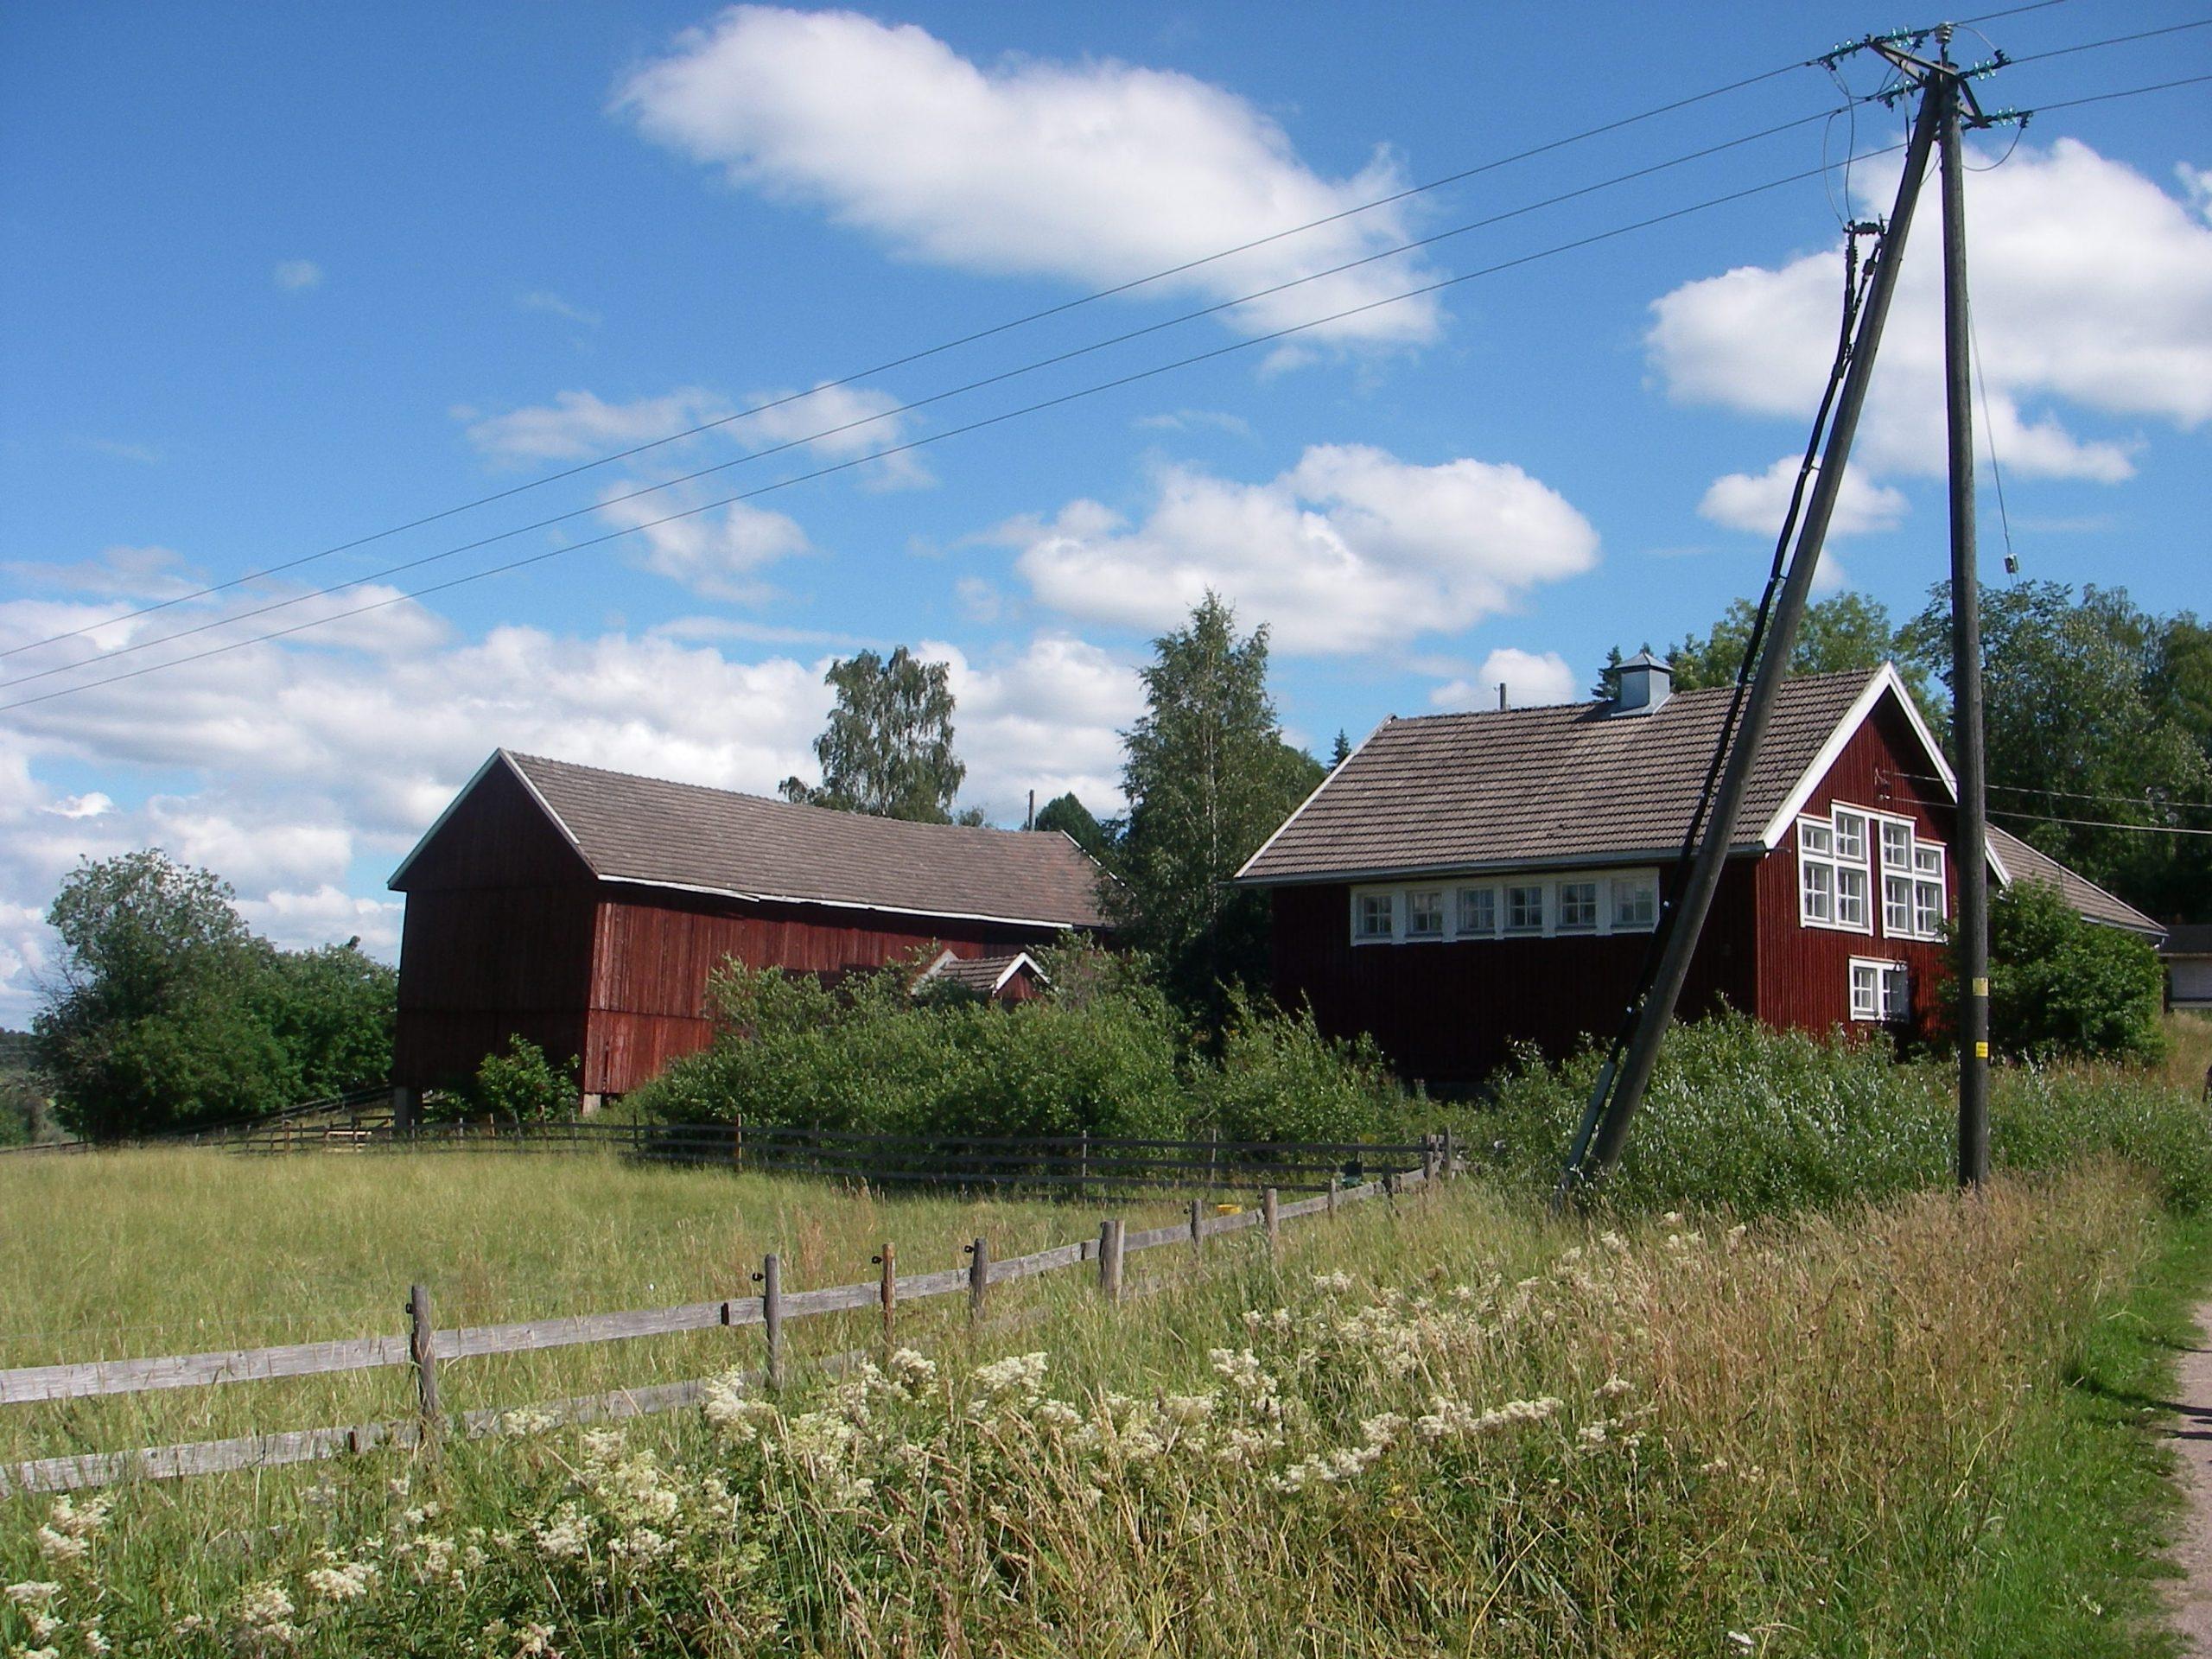 Kuvassa kaksi punaista puutaloa ja niiden edessä laidunta sekä sähkötolppa.